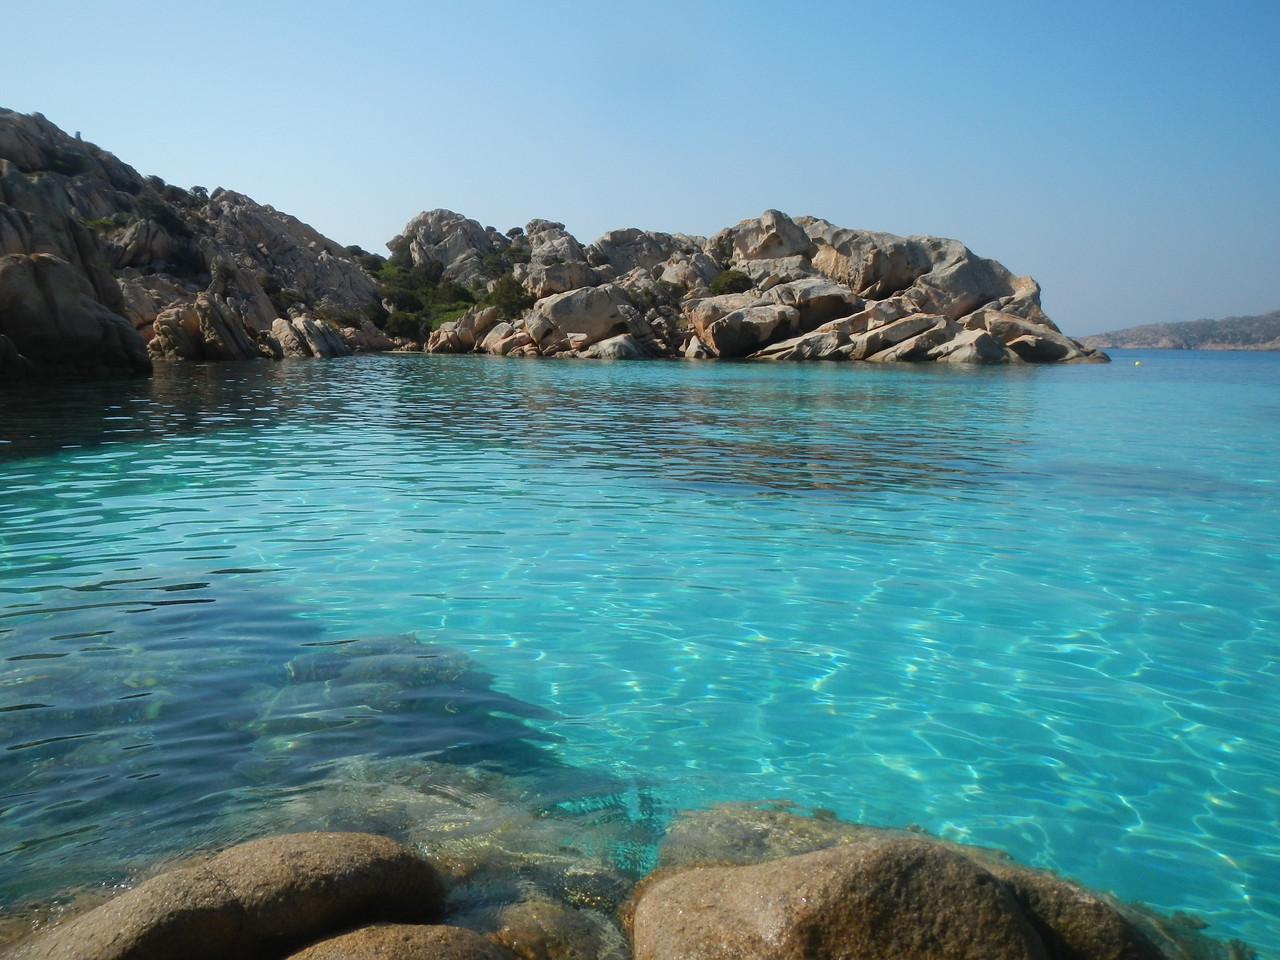 tolle Buchte im Maddalena Archipel begegnen uns auf dem Segeltörn.